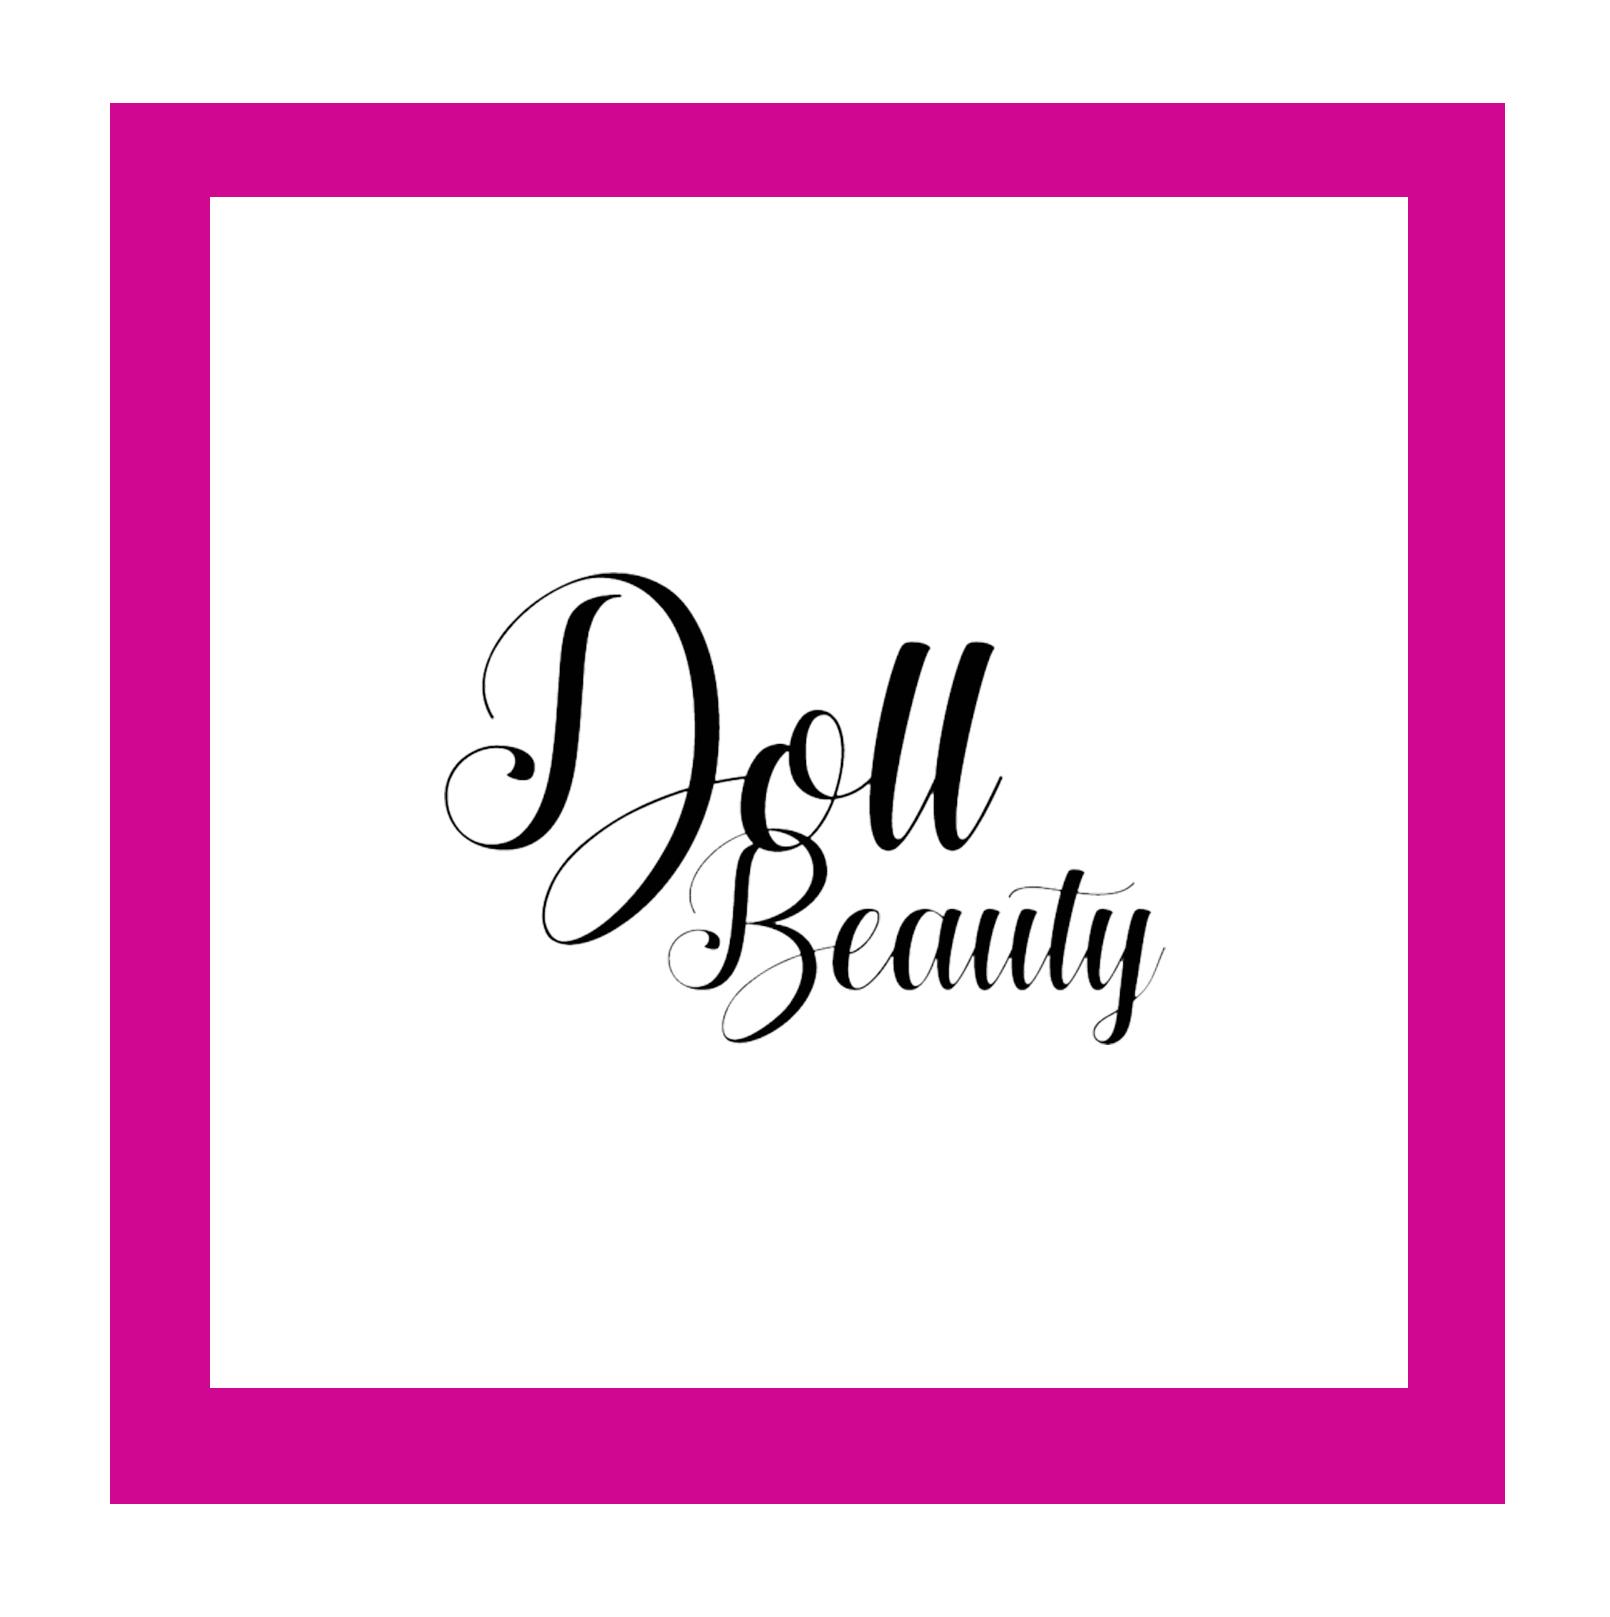 Doll Beauty.jpg